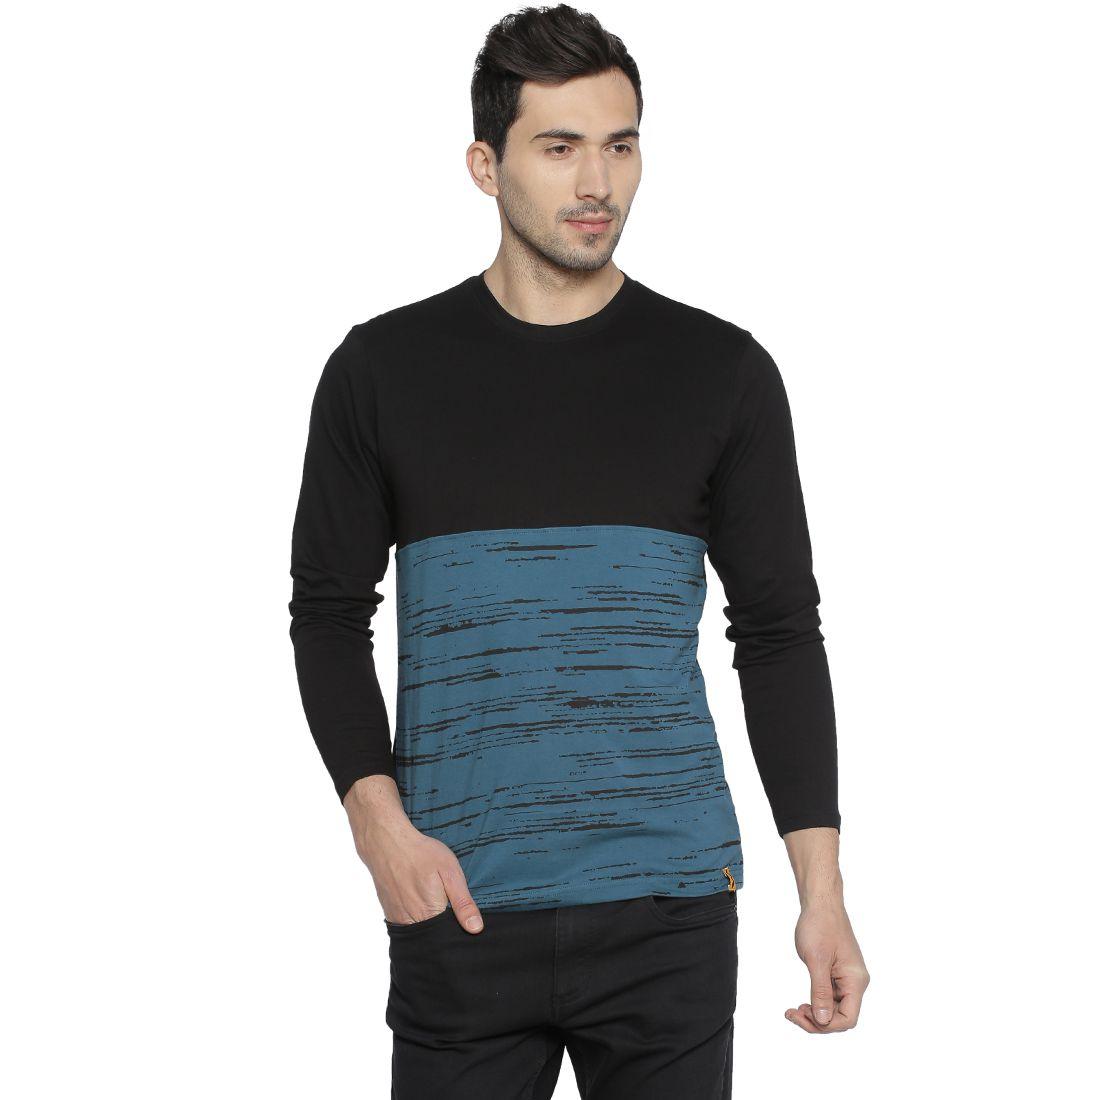 CampusSutra Black Round T-Shirt